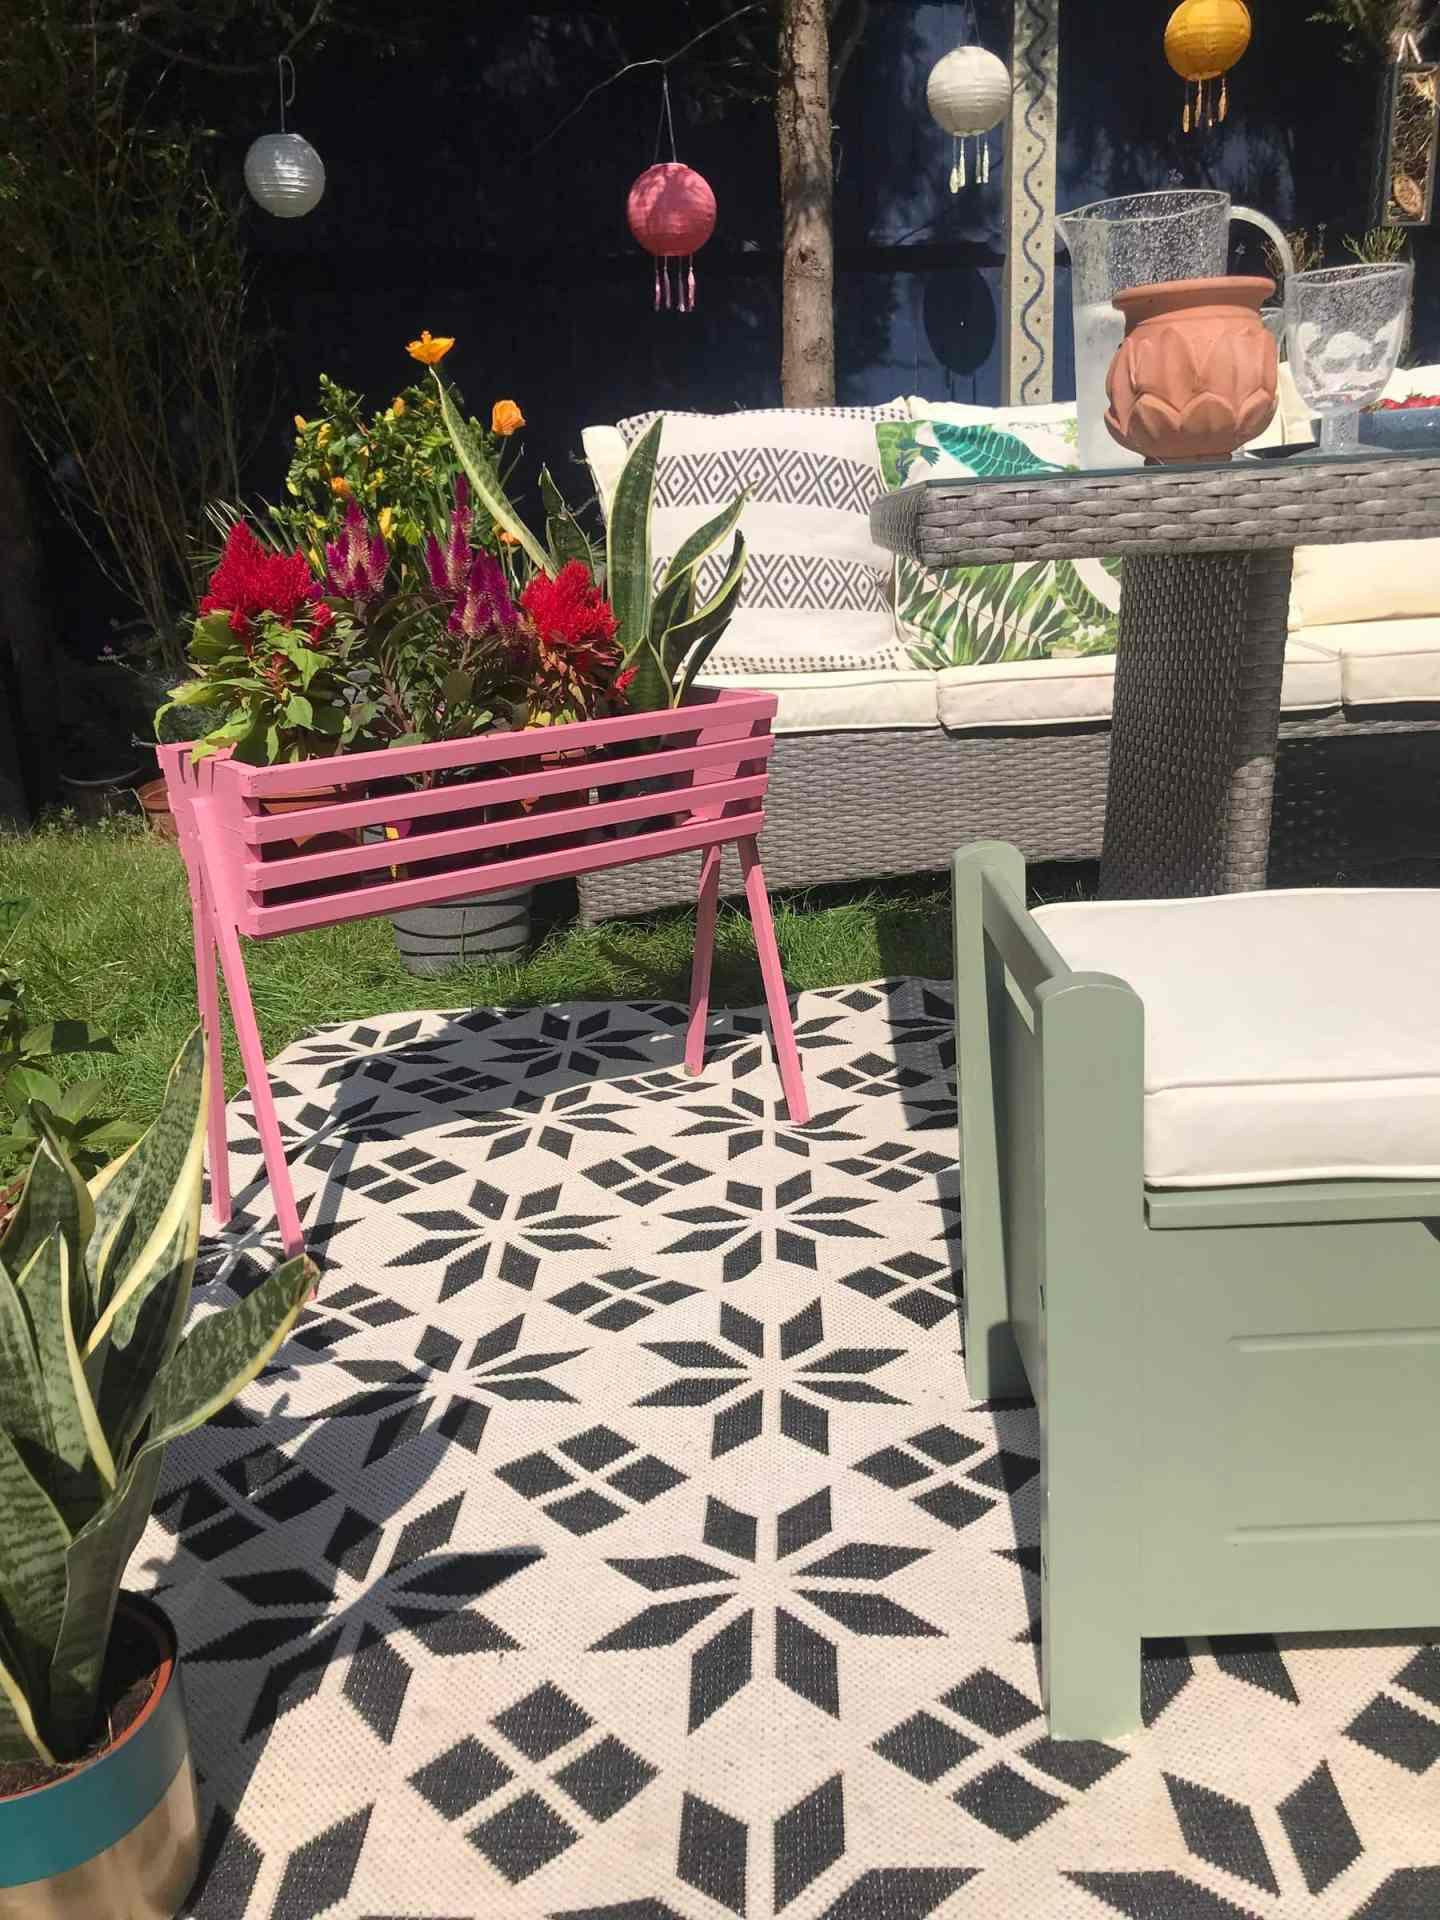 Adding a splash of pink to the garden with  Cuprinol's  Pink Honeysuckle